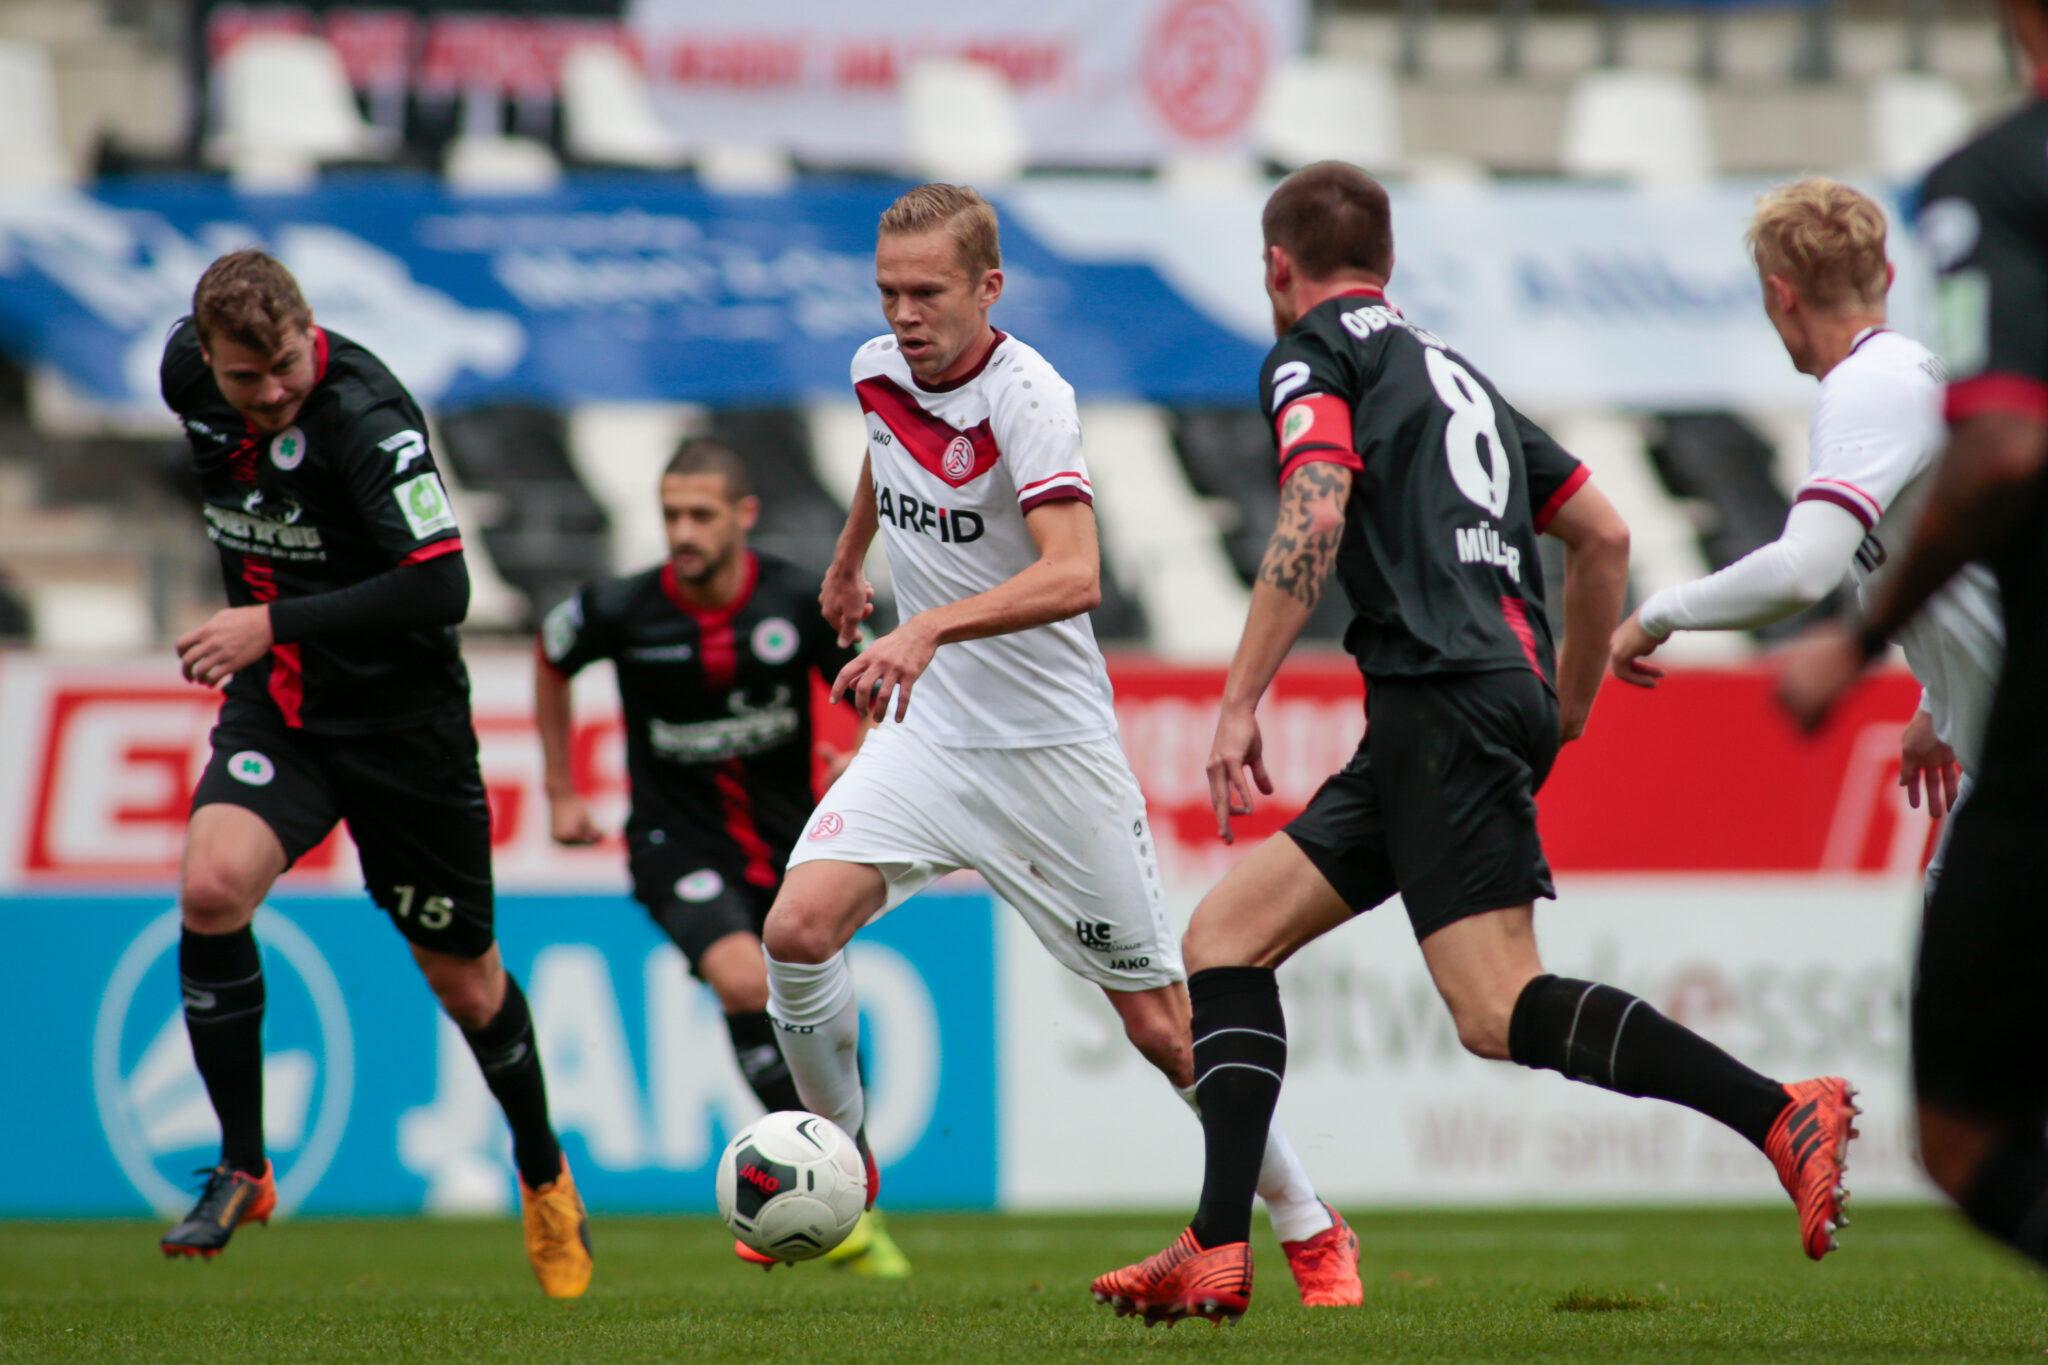 Regionalliga West: Spieltage 10 bis 18 terminiert – Rot-Weiss Essen